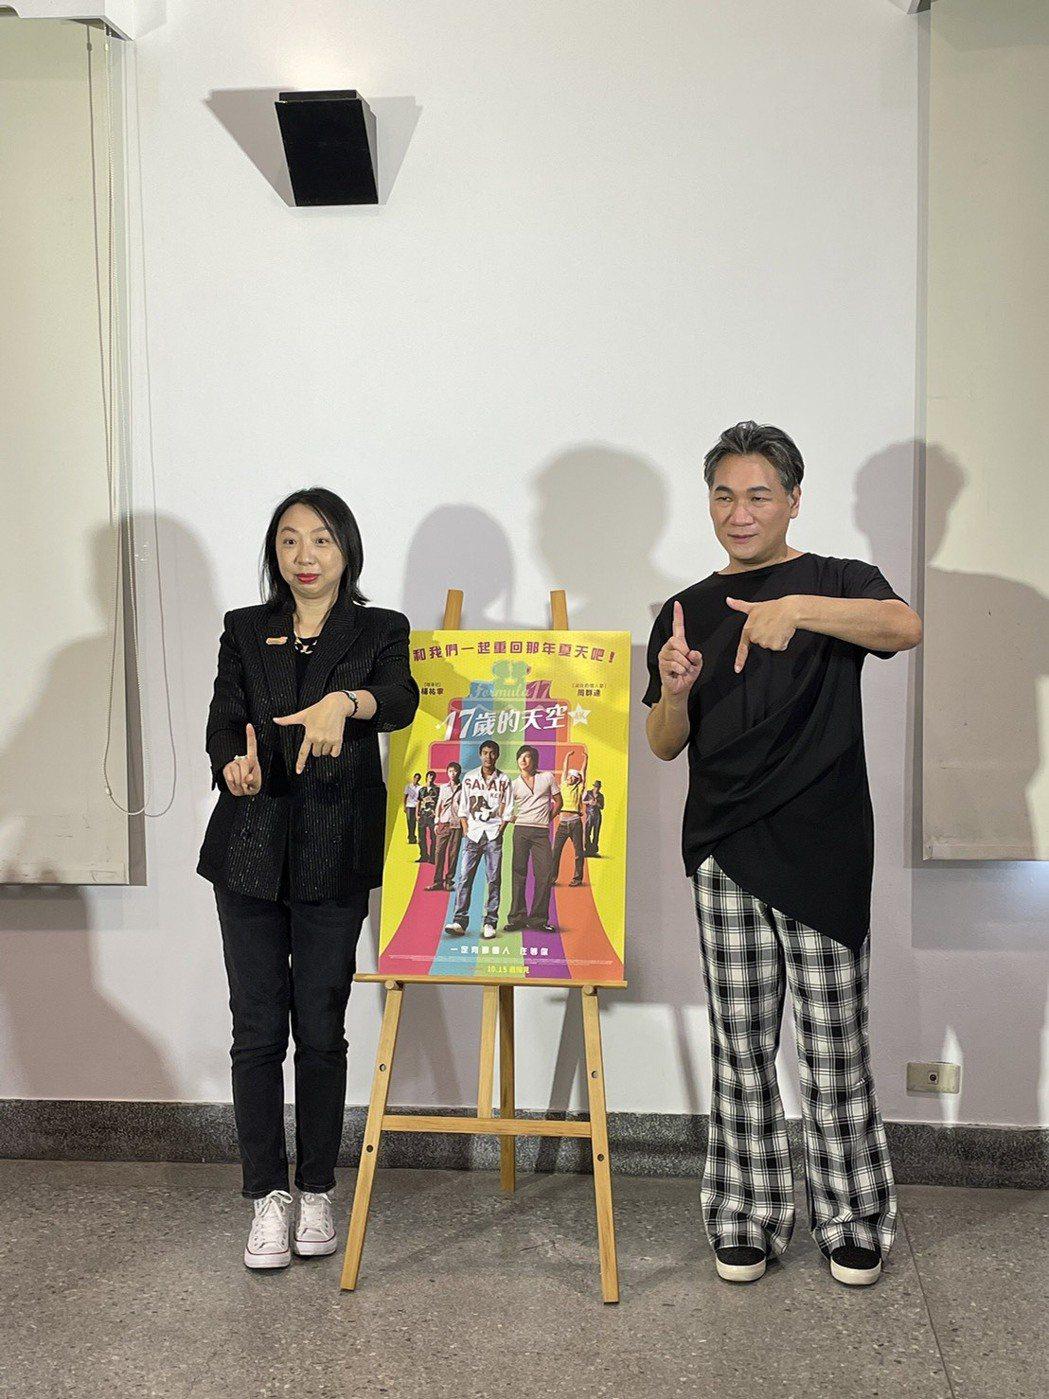 監製葉育萍(左)和編劇傅睿邨(右)出席「17歲的天空」重映記者會。圖/CATCH...